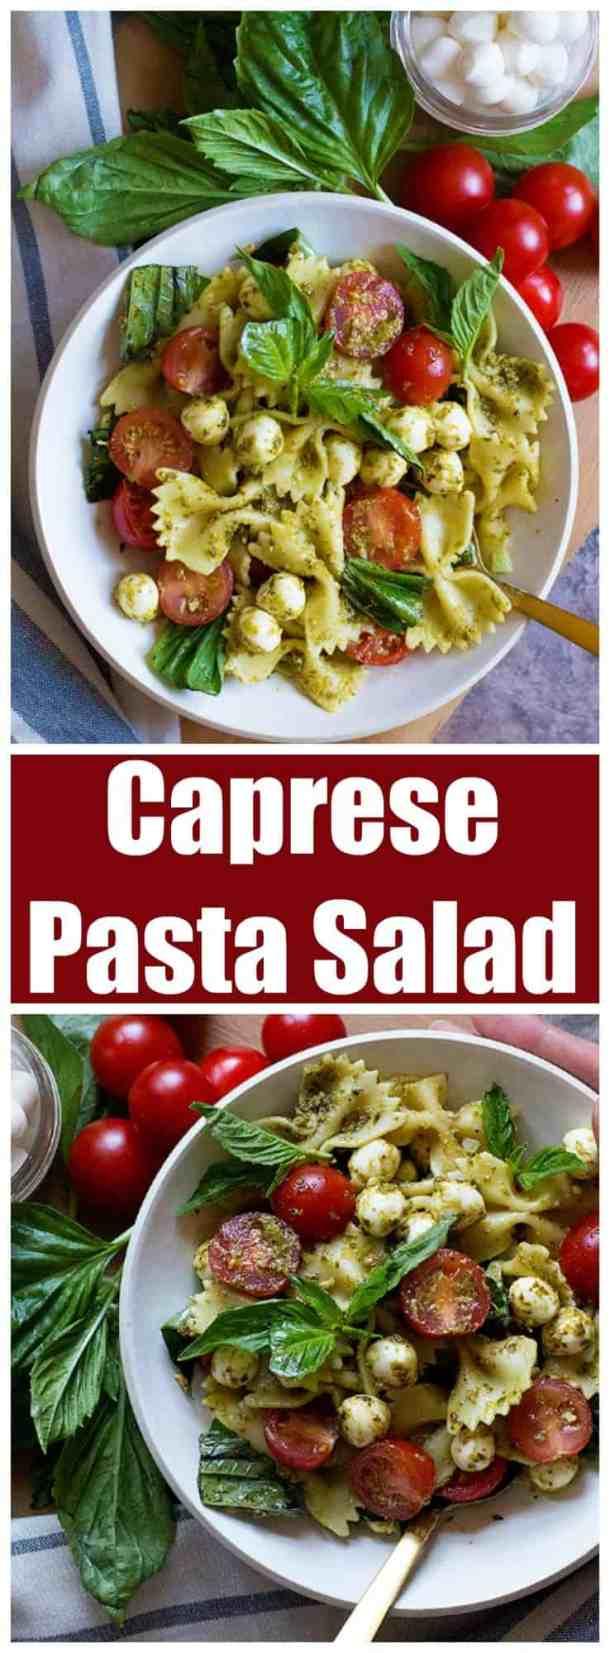 caprese pasta salad | caprese pasta salad recipe | pasta salad recipe | tomato pasta salad | tomato basil pasta salad | tomato mozzarella pasta salad | summer pasta salad | summer salad recipe | #pastasalad #caprese #capresepastasalad #pastasaladrecipe